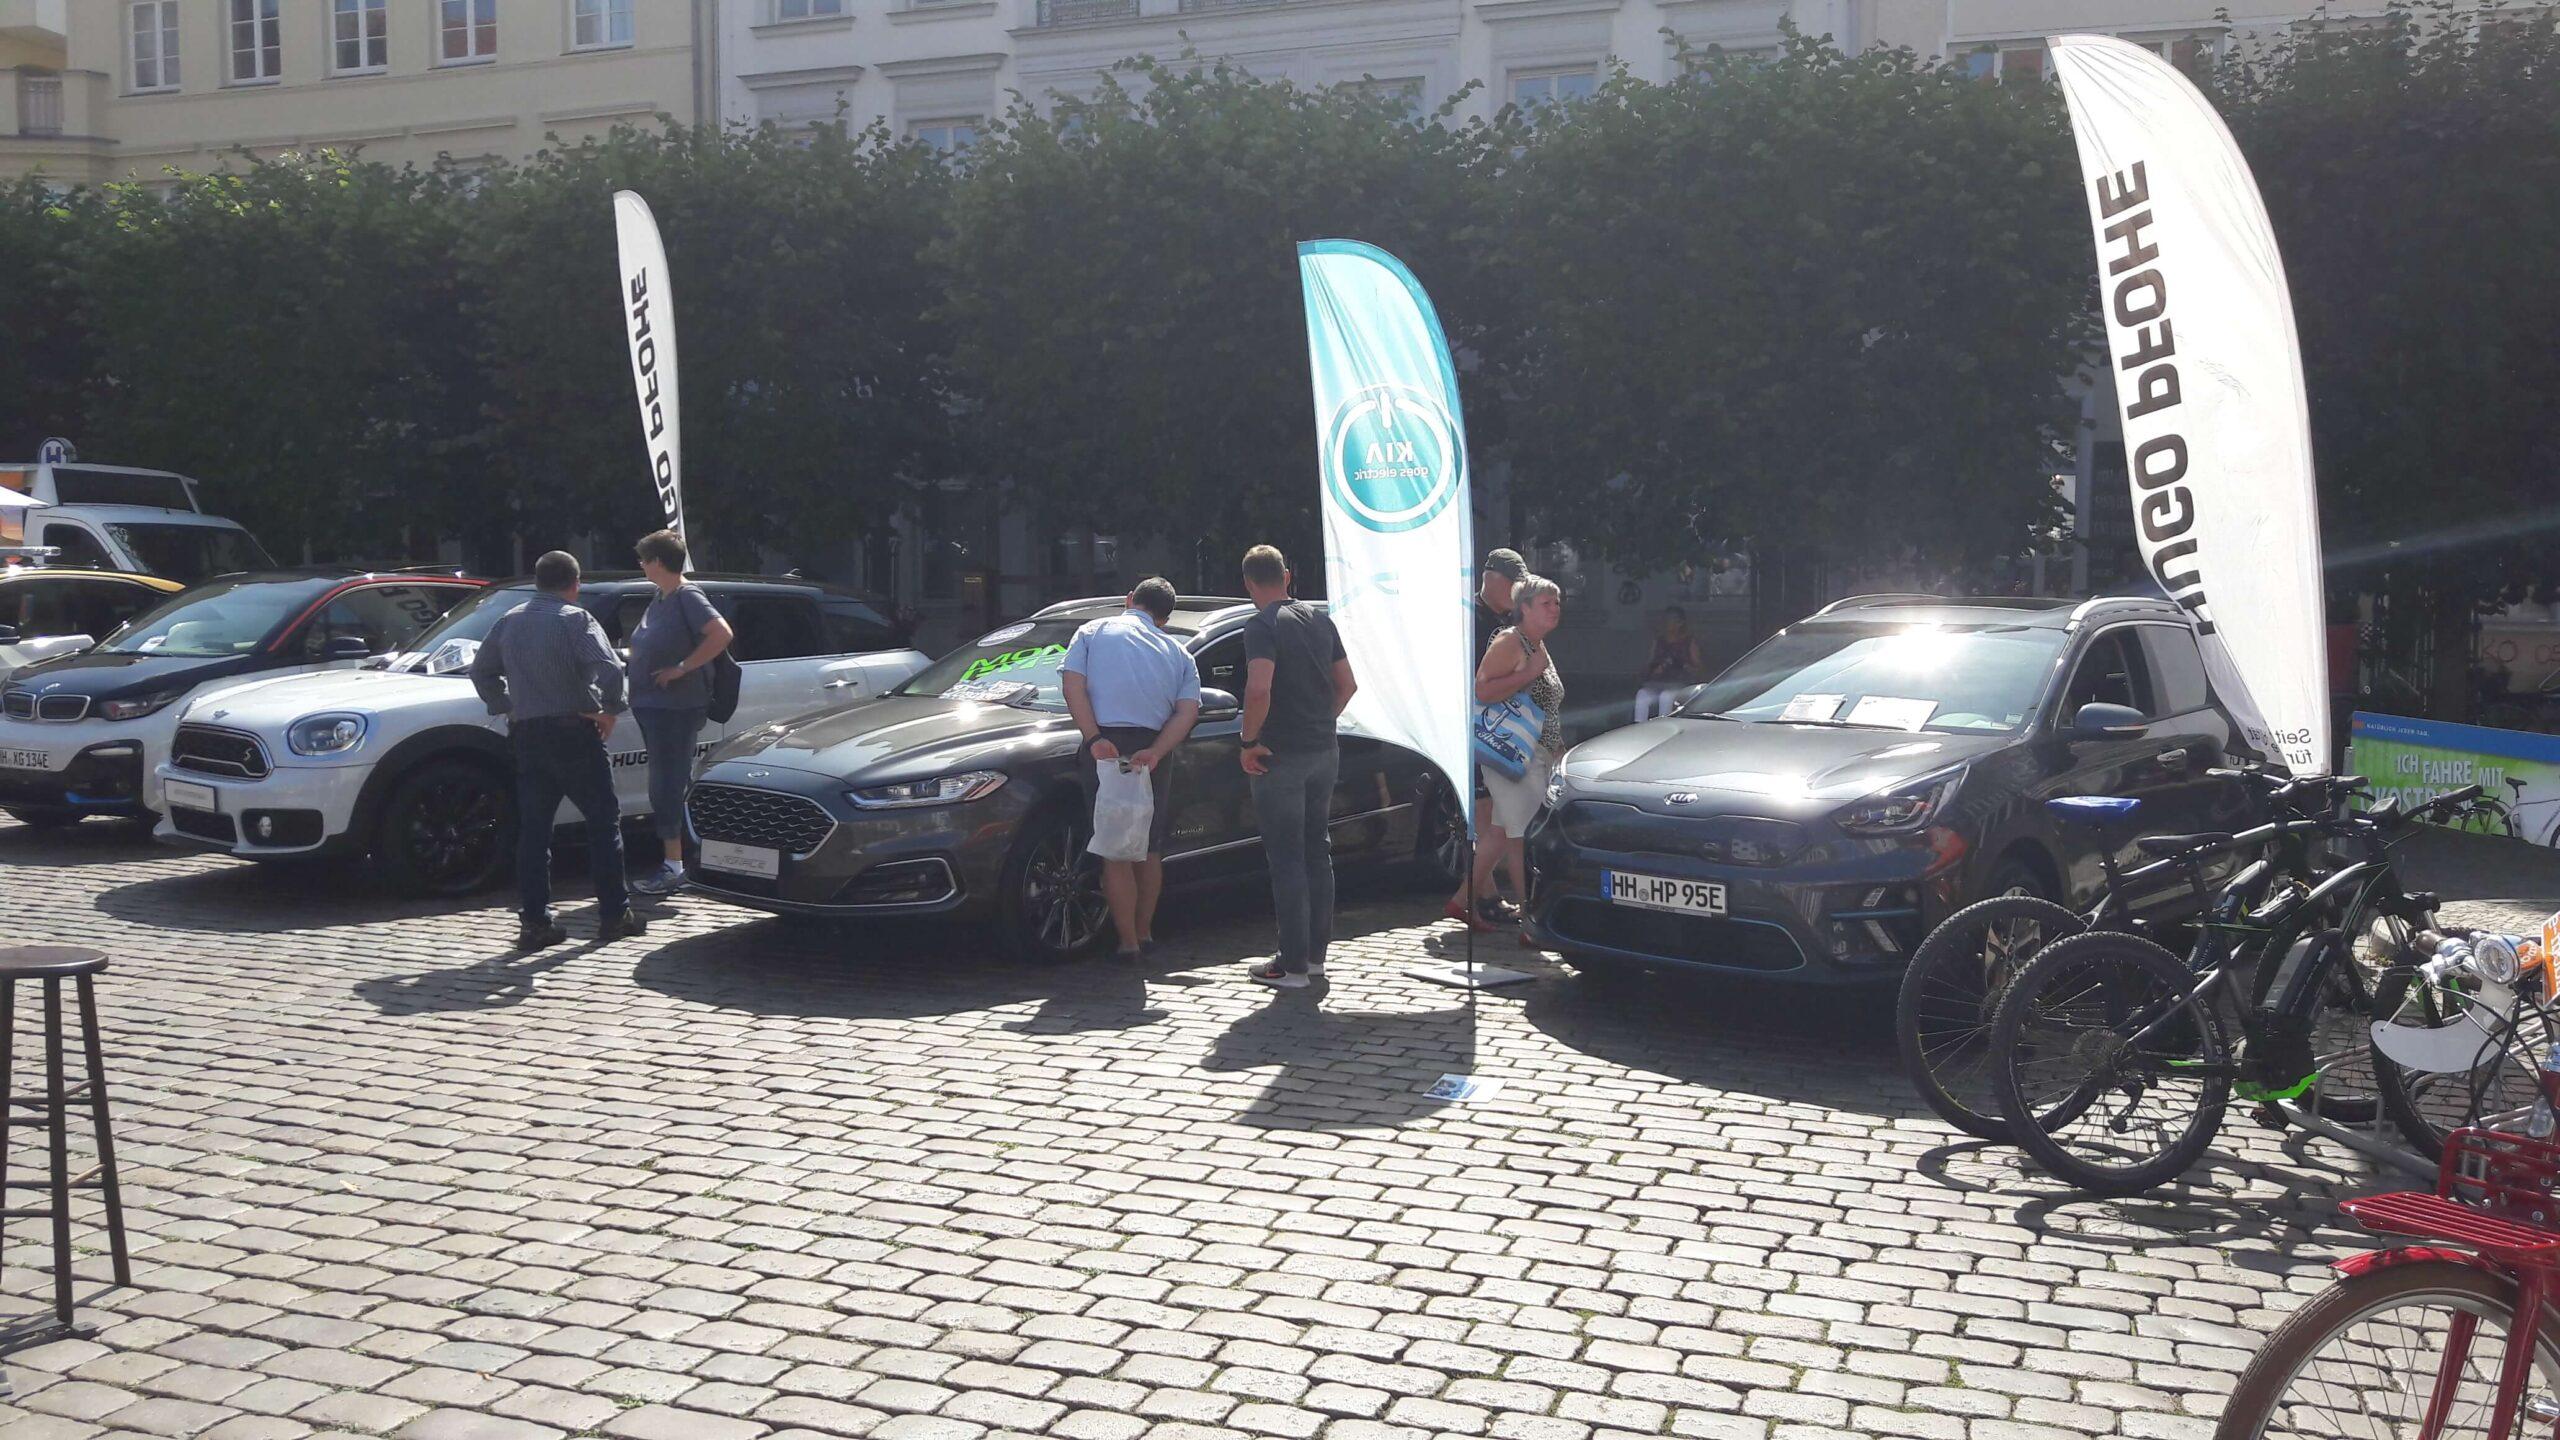 8. Tag der Elektromobilität in Schwerin